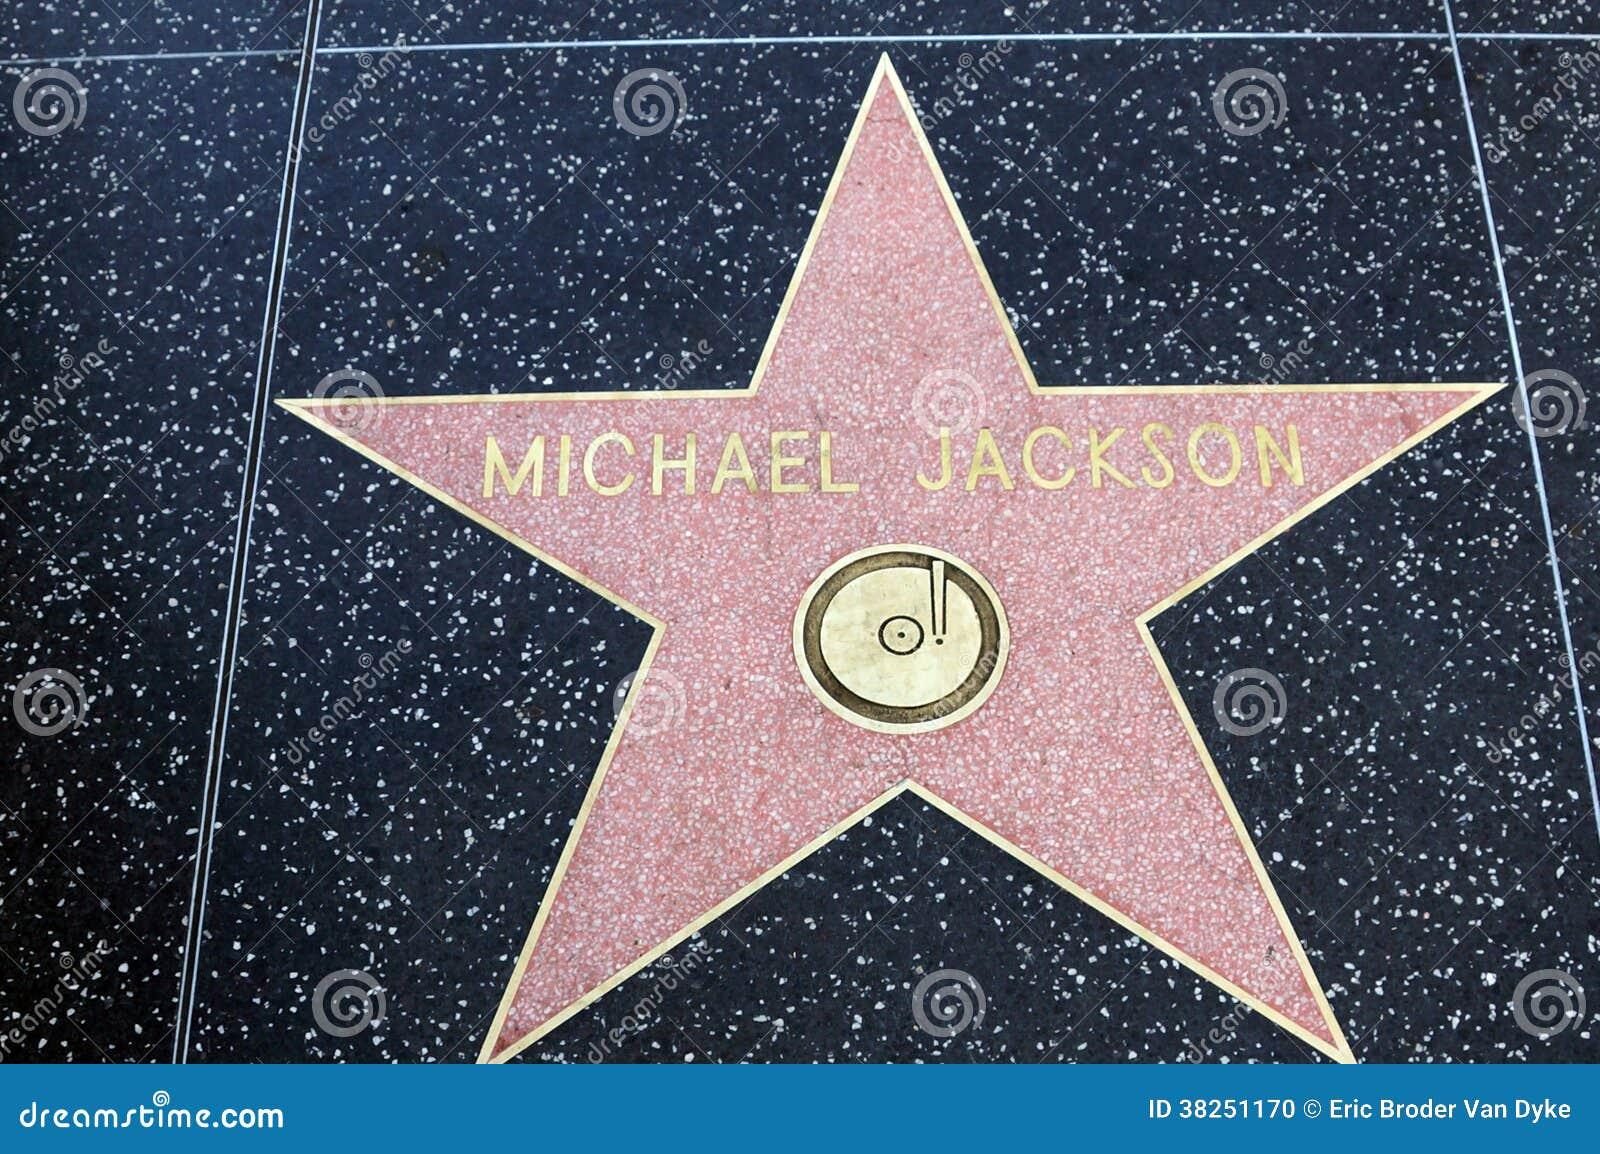 在好莱坞星光大道的迈克尔・杰克逊星